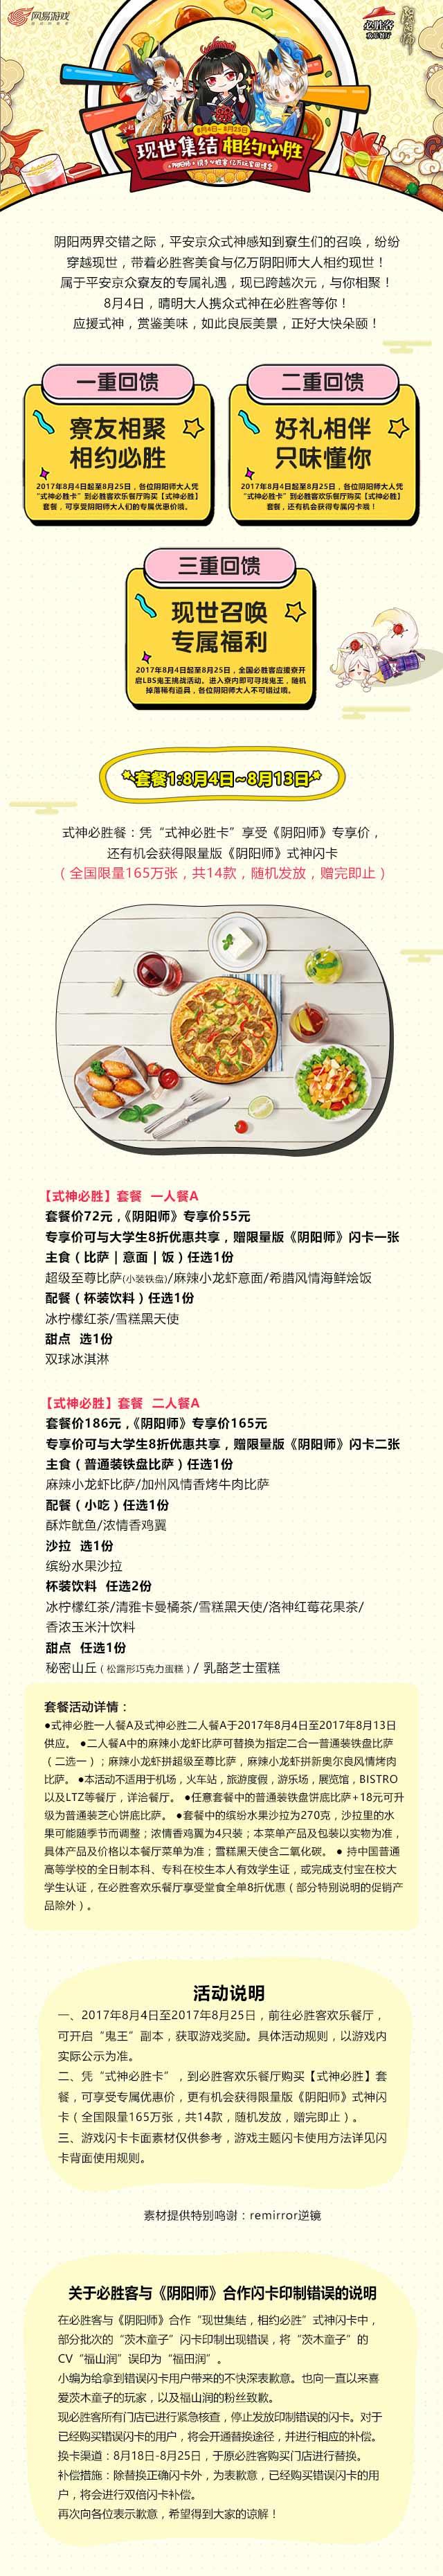 必胜客阴阳师套餐多重优惠,还有《阴阳师》限量闪卡 有效期至:2017年8月25日 www.5ikfc.com